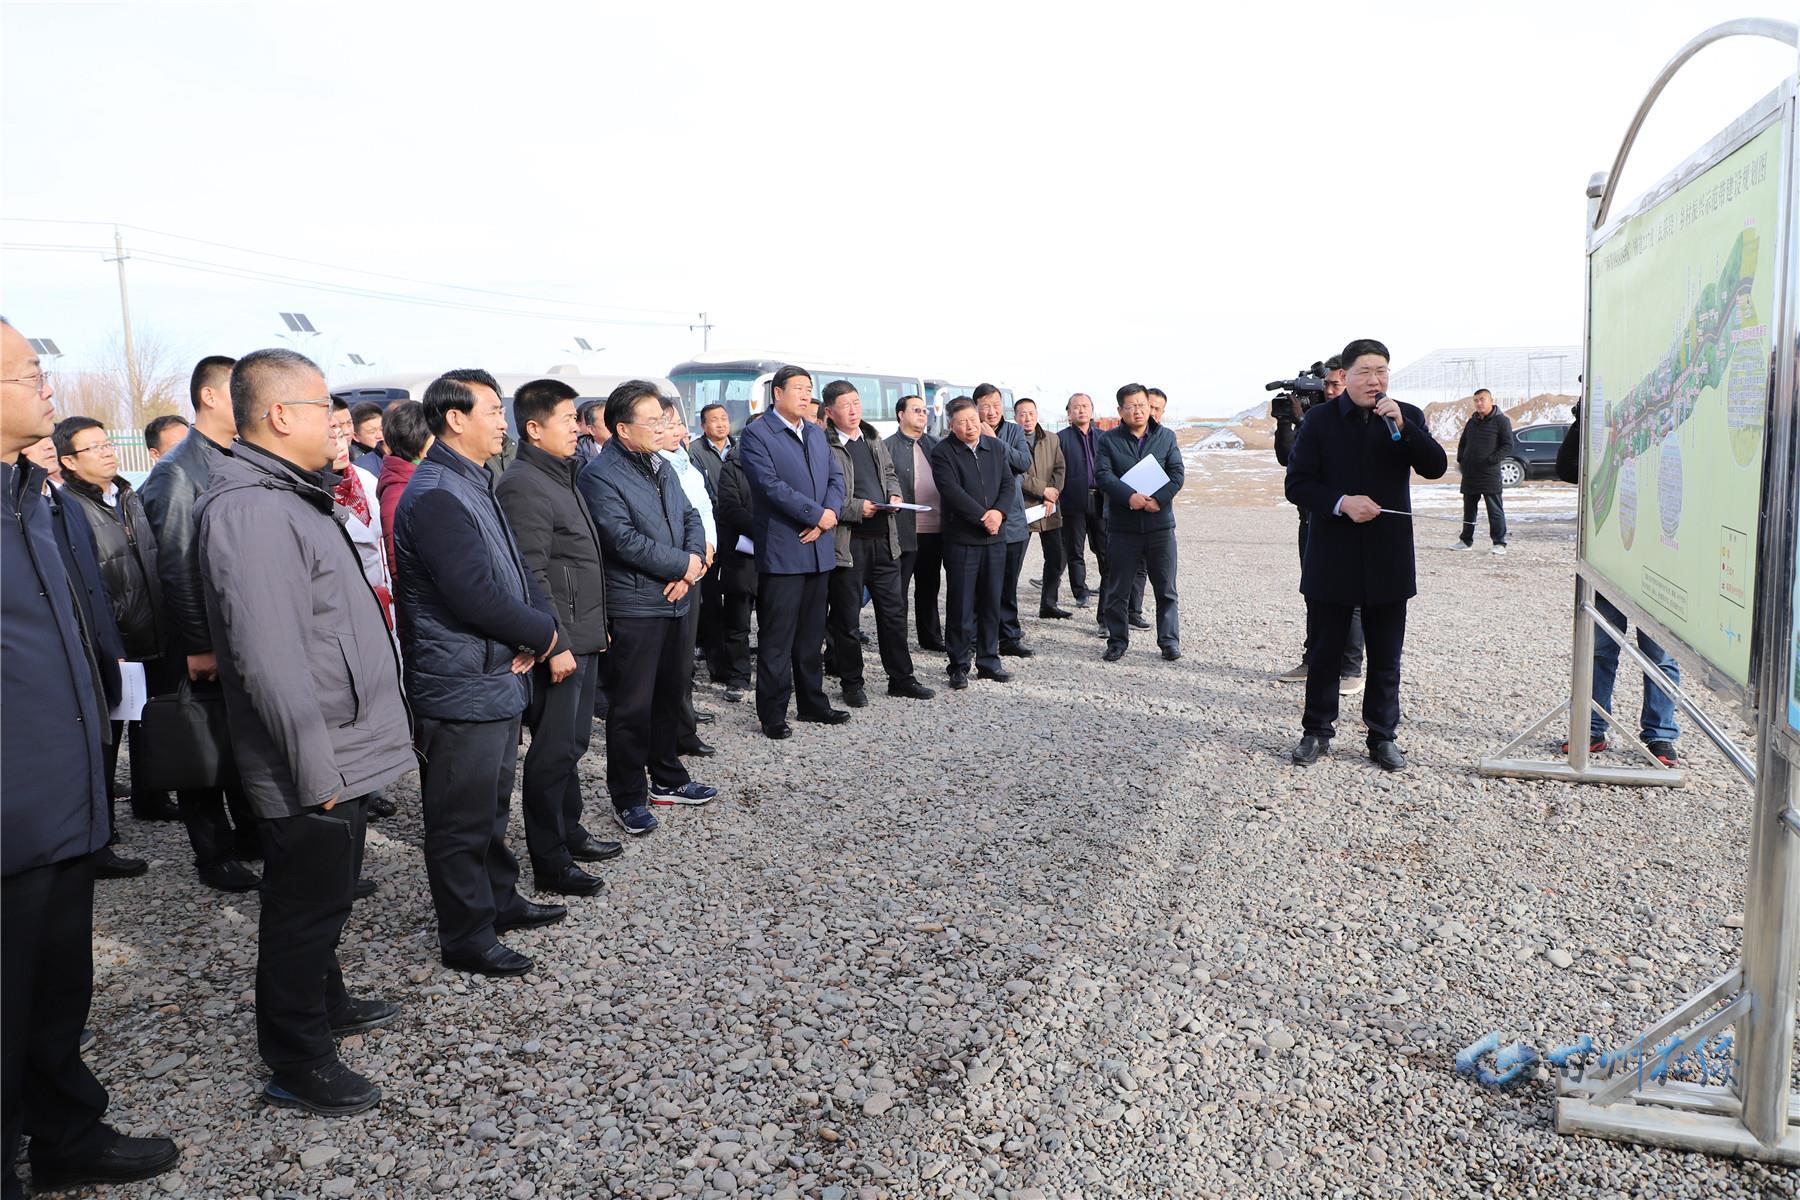 甘州区组团赴民乐县考察学习乡村振兴、城市建设、棚户区改造等工作